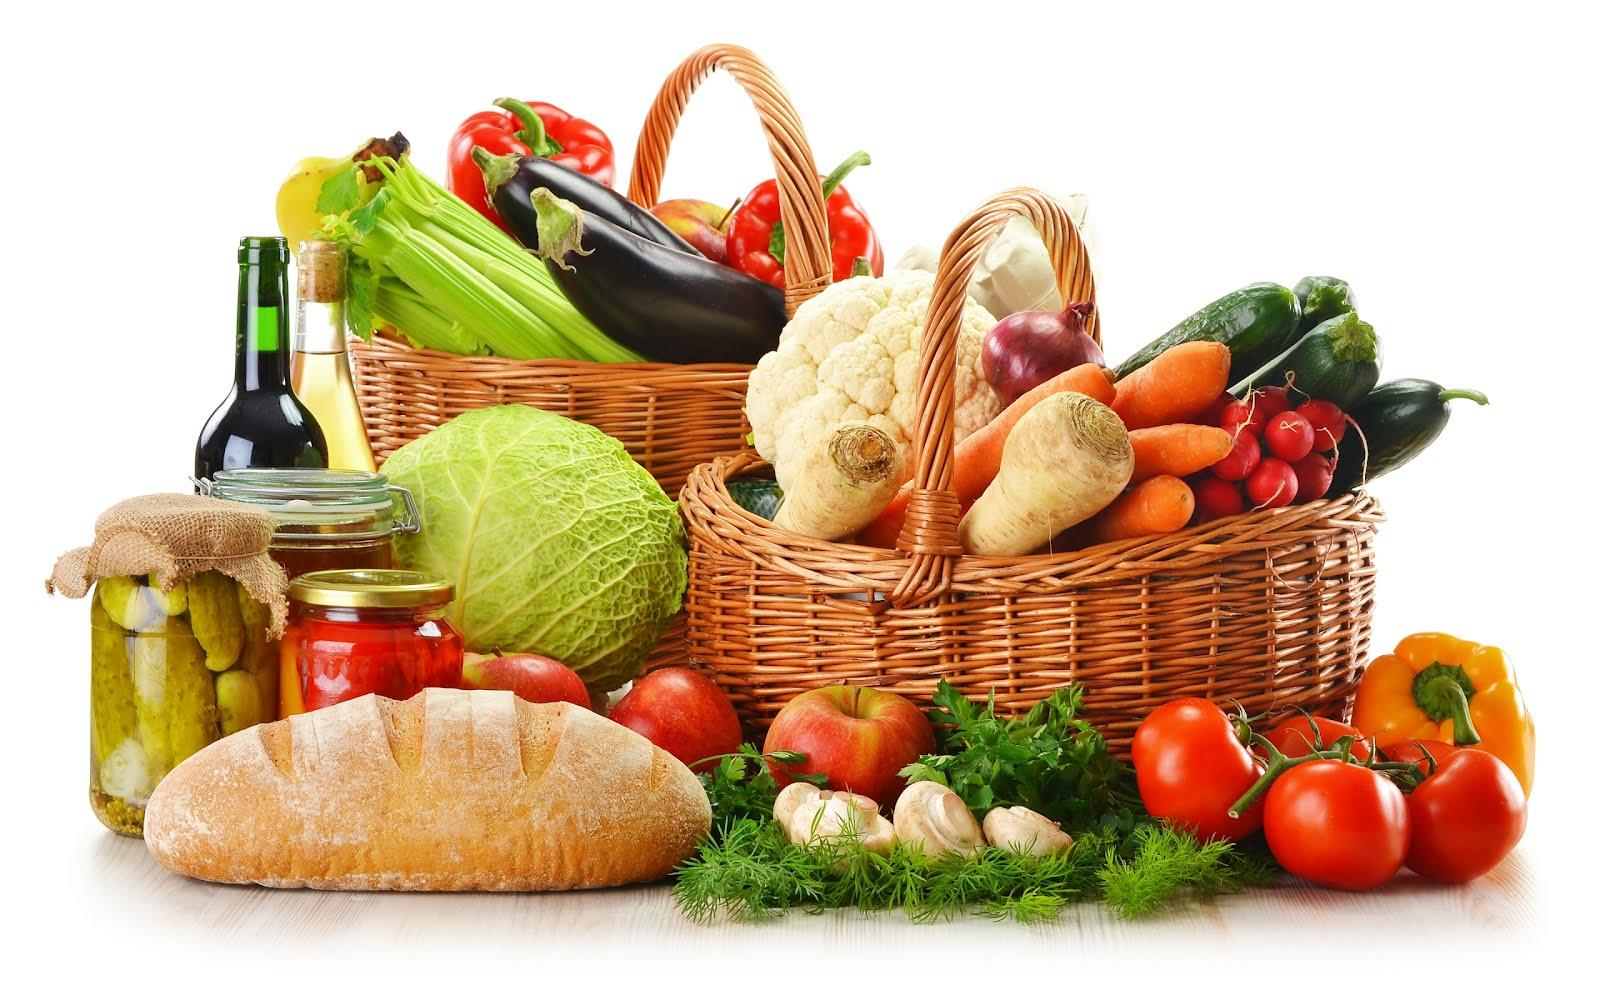 Cesta de comida para una alimentación saludable